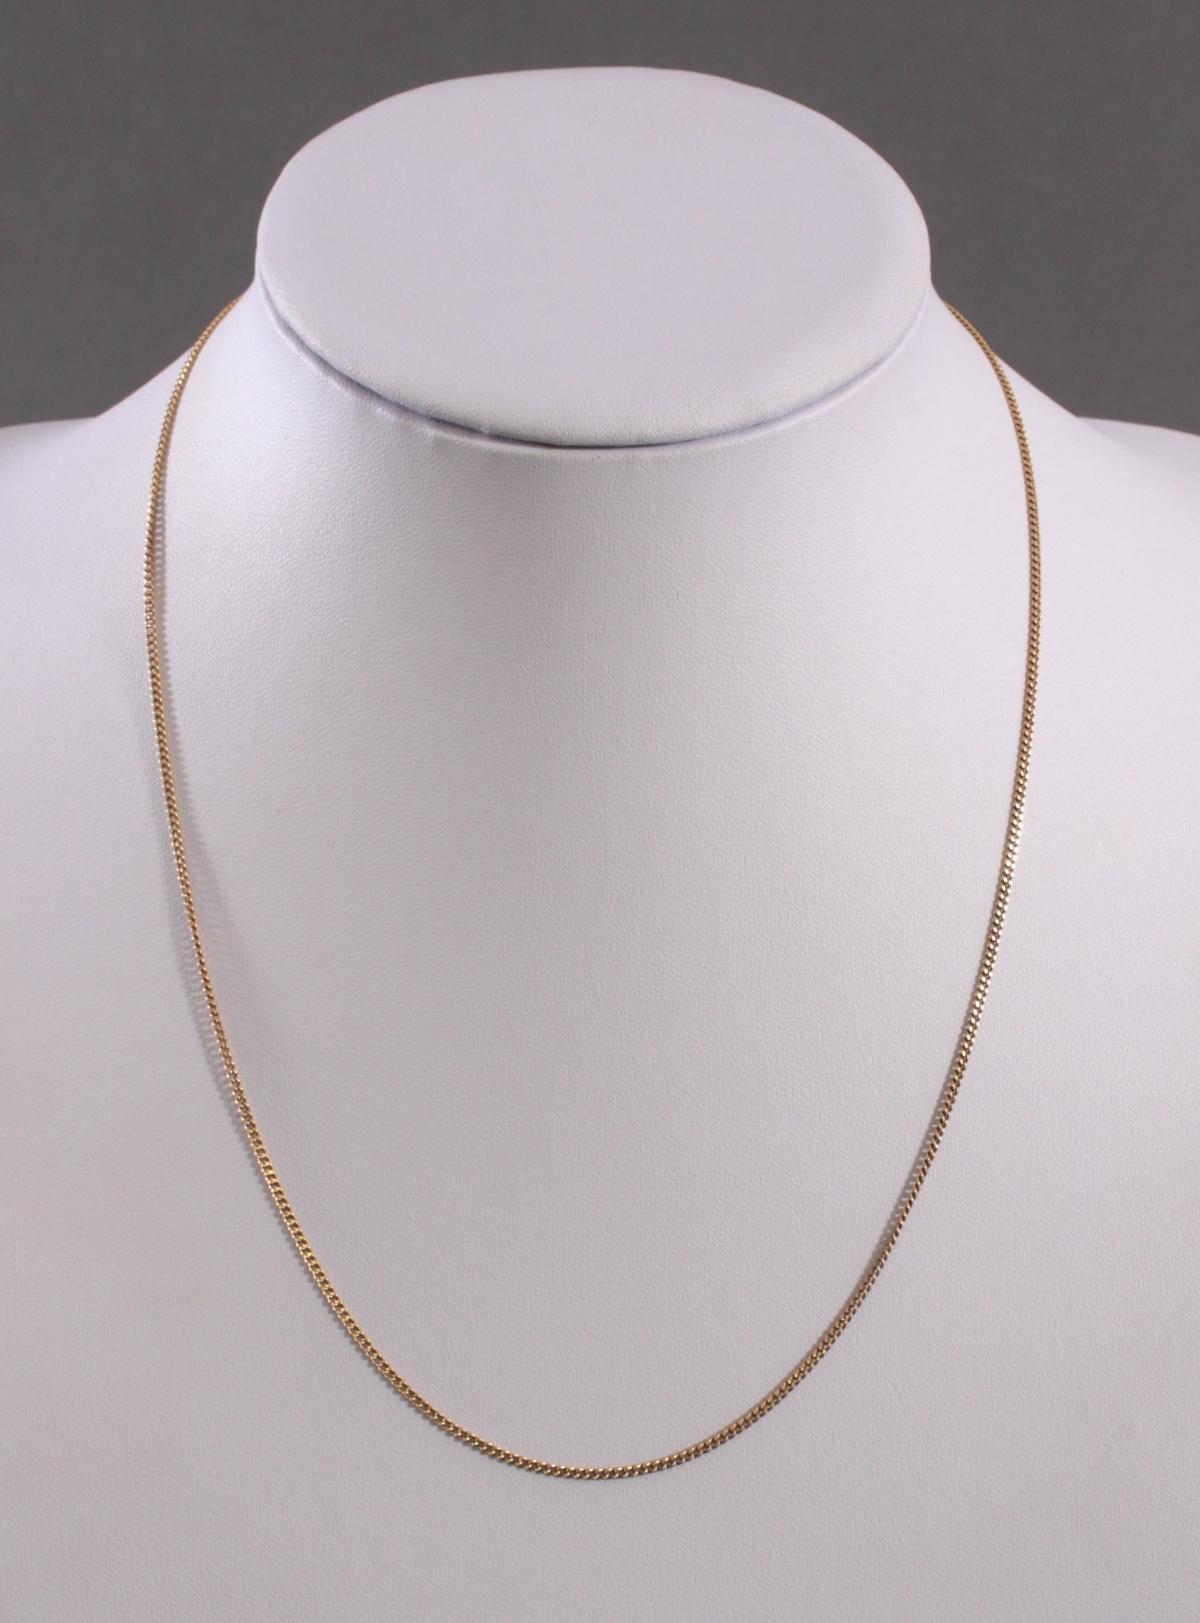 Halskette aus 18 Karat Gelbgold